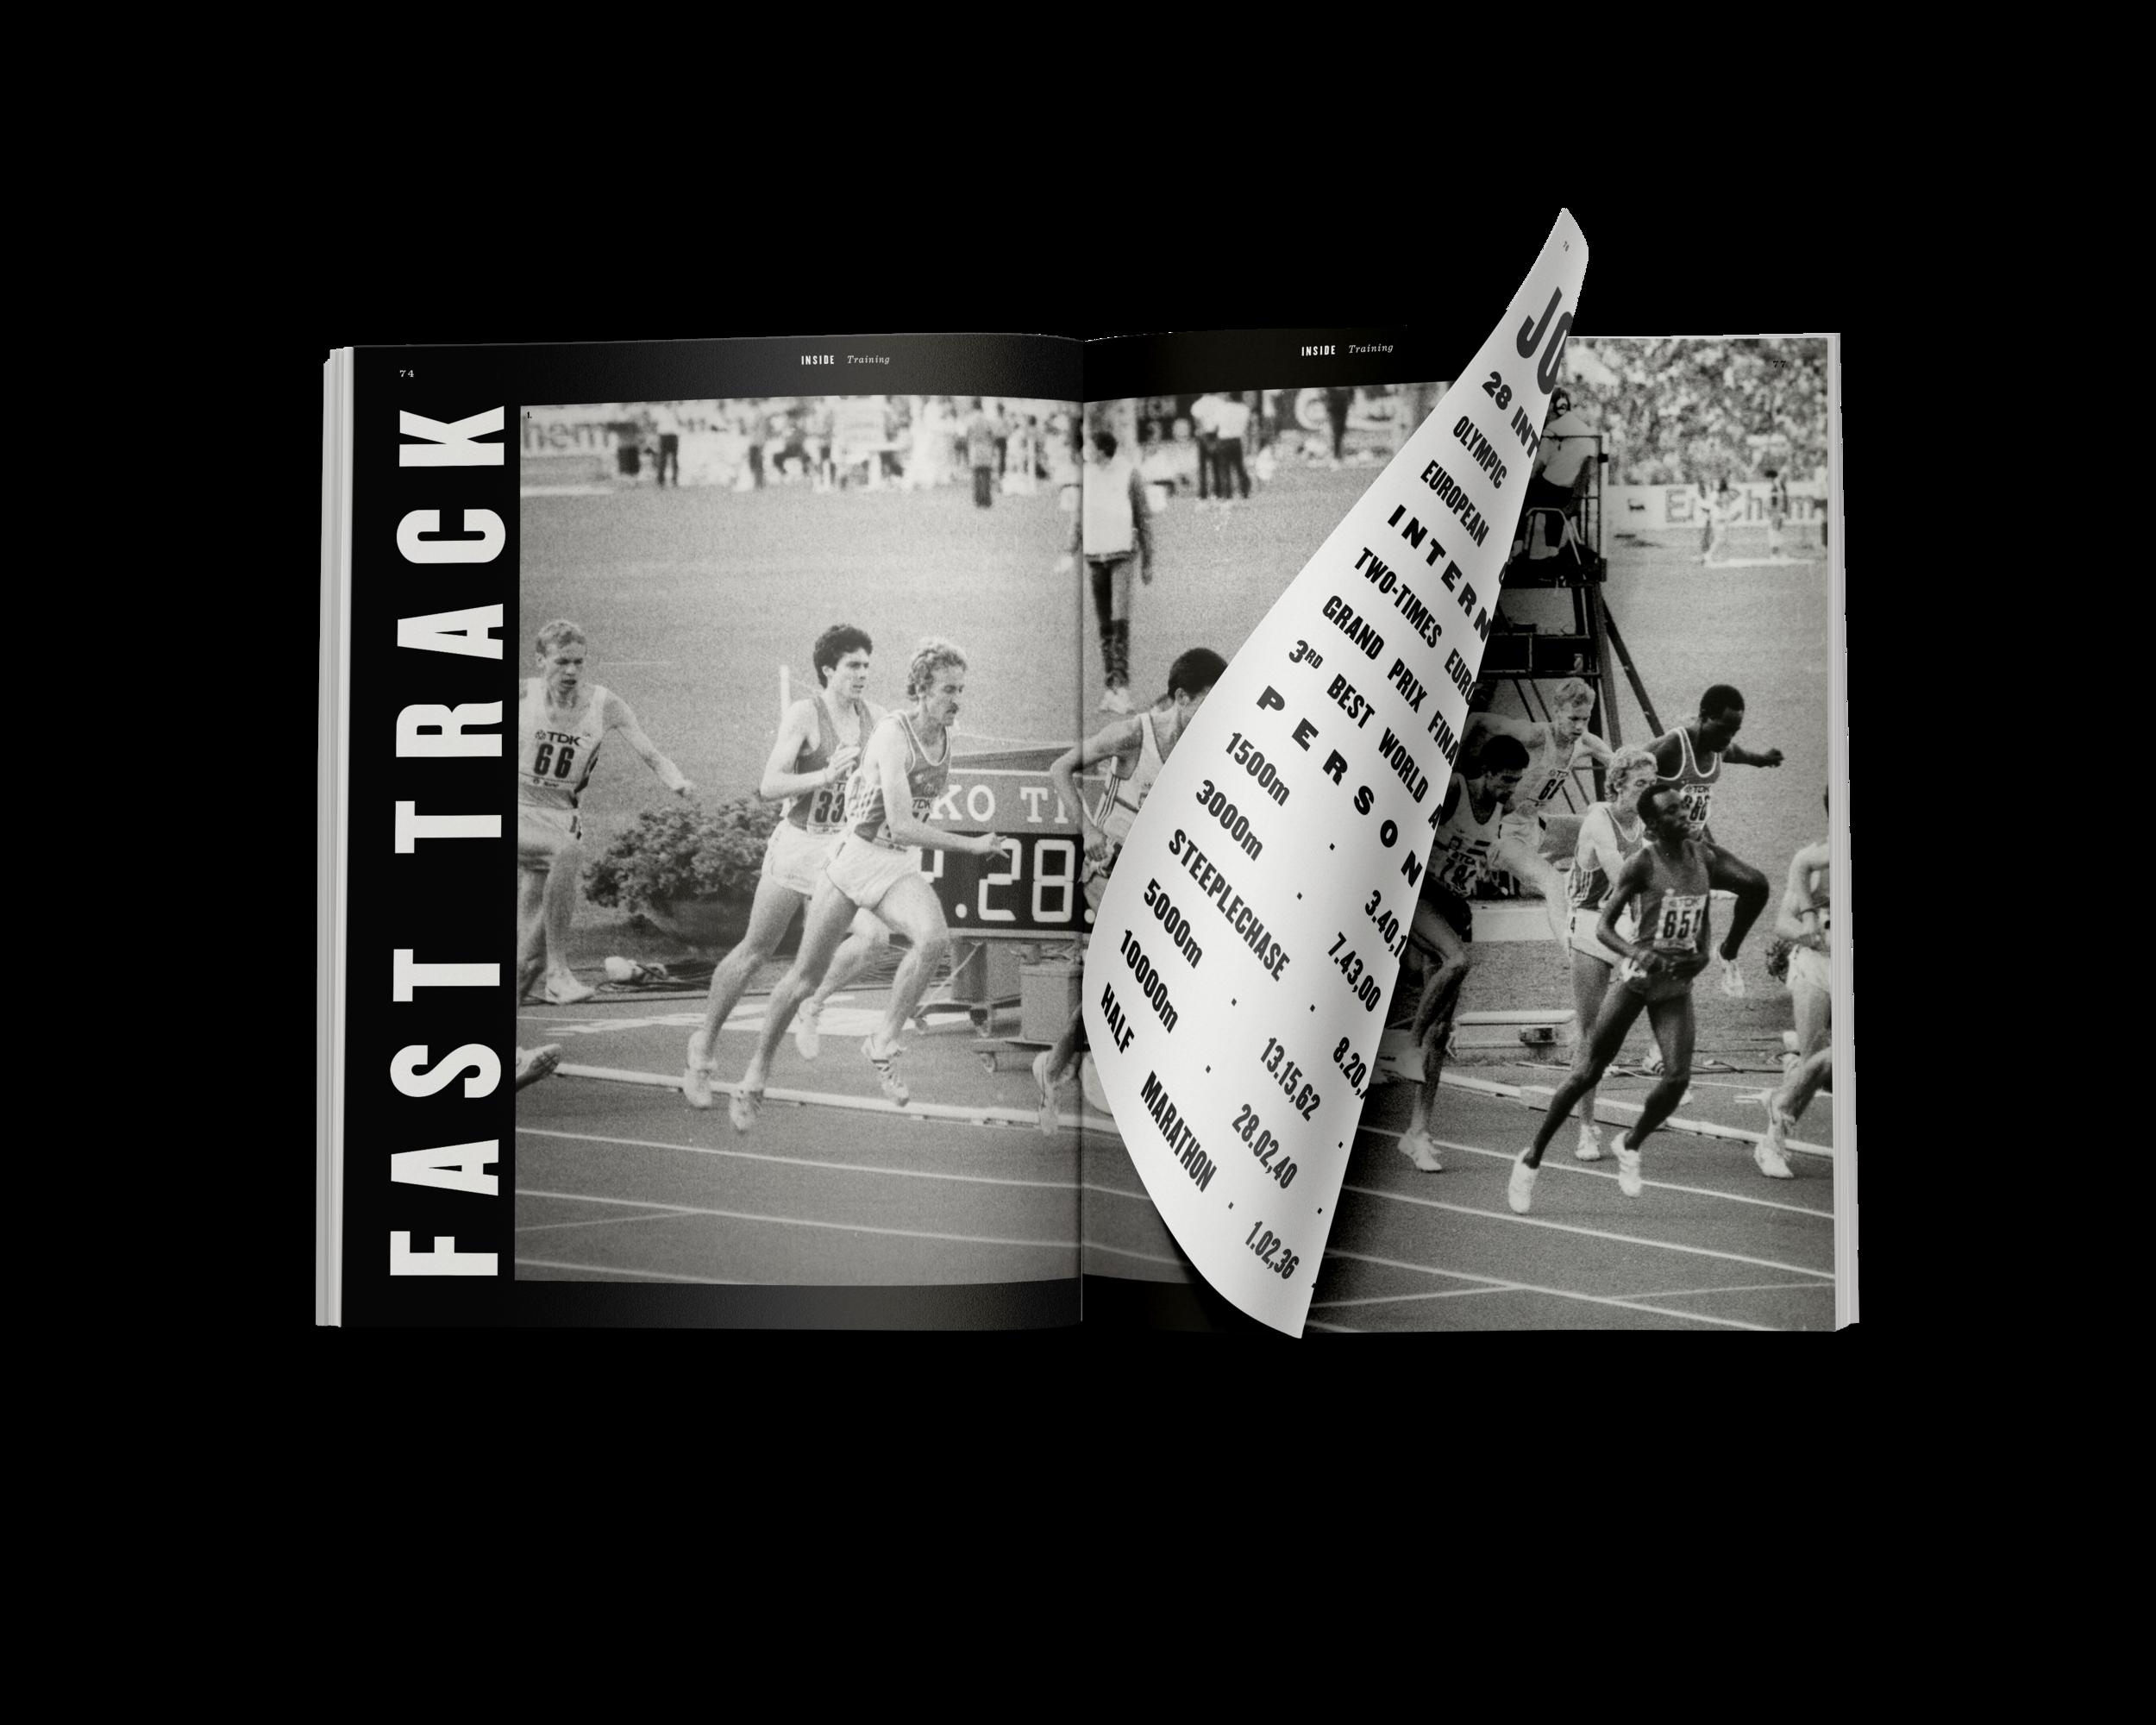 FAST TRACK TRAININGS é uma análise cuidadosa de 16 anos de treino, no que diz respeito aos treinos específicos de corrida do atleta José Regalo. Está publicada na edição nº 1. Todas as edições abordam aspetos práticos do treino.